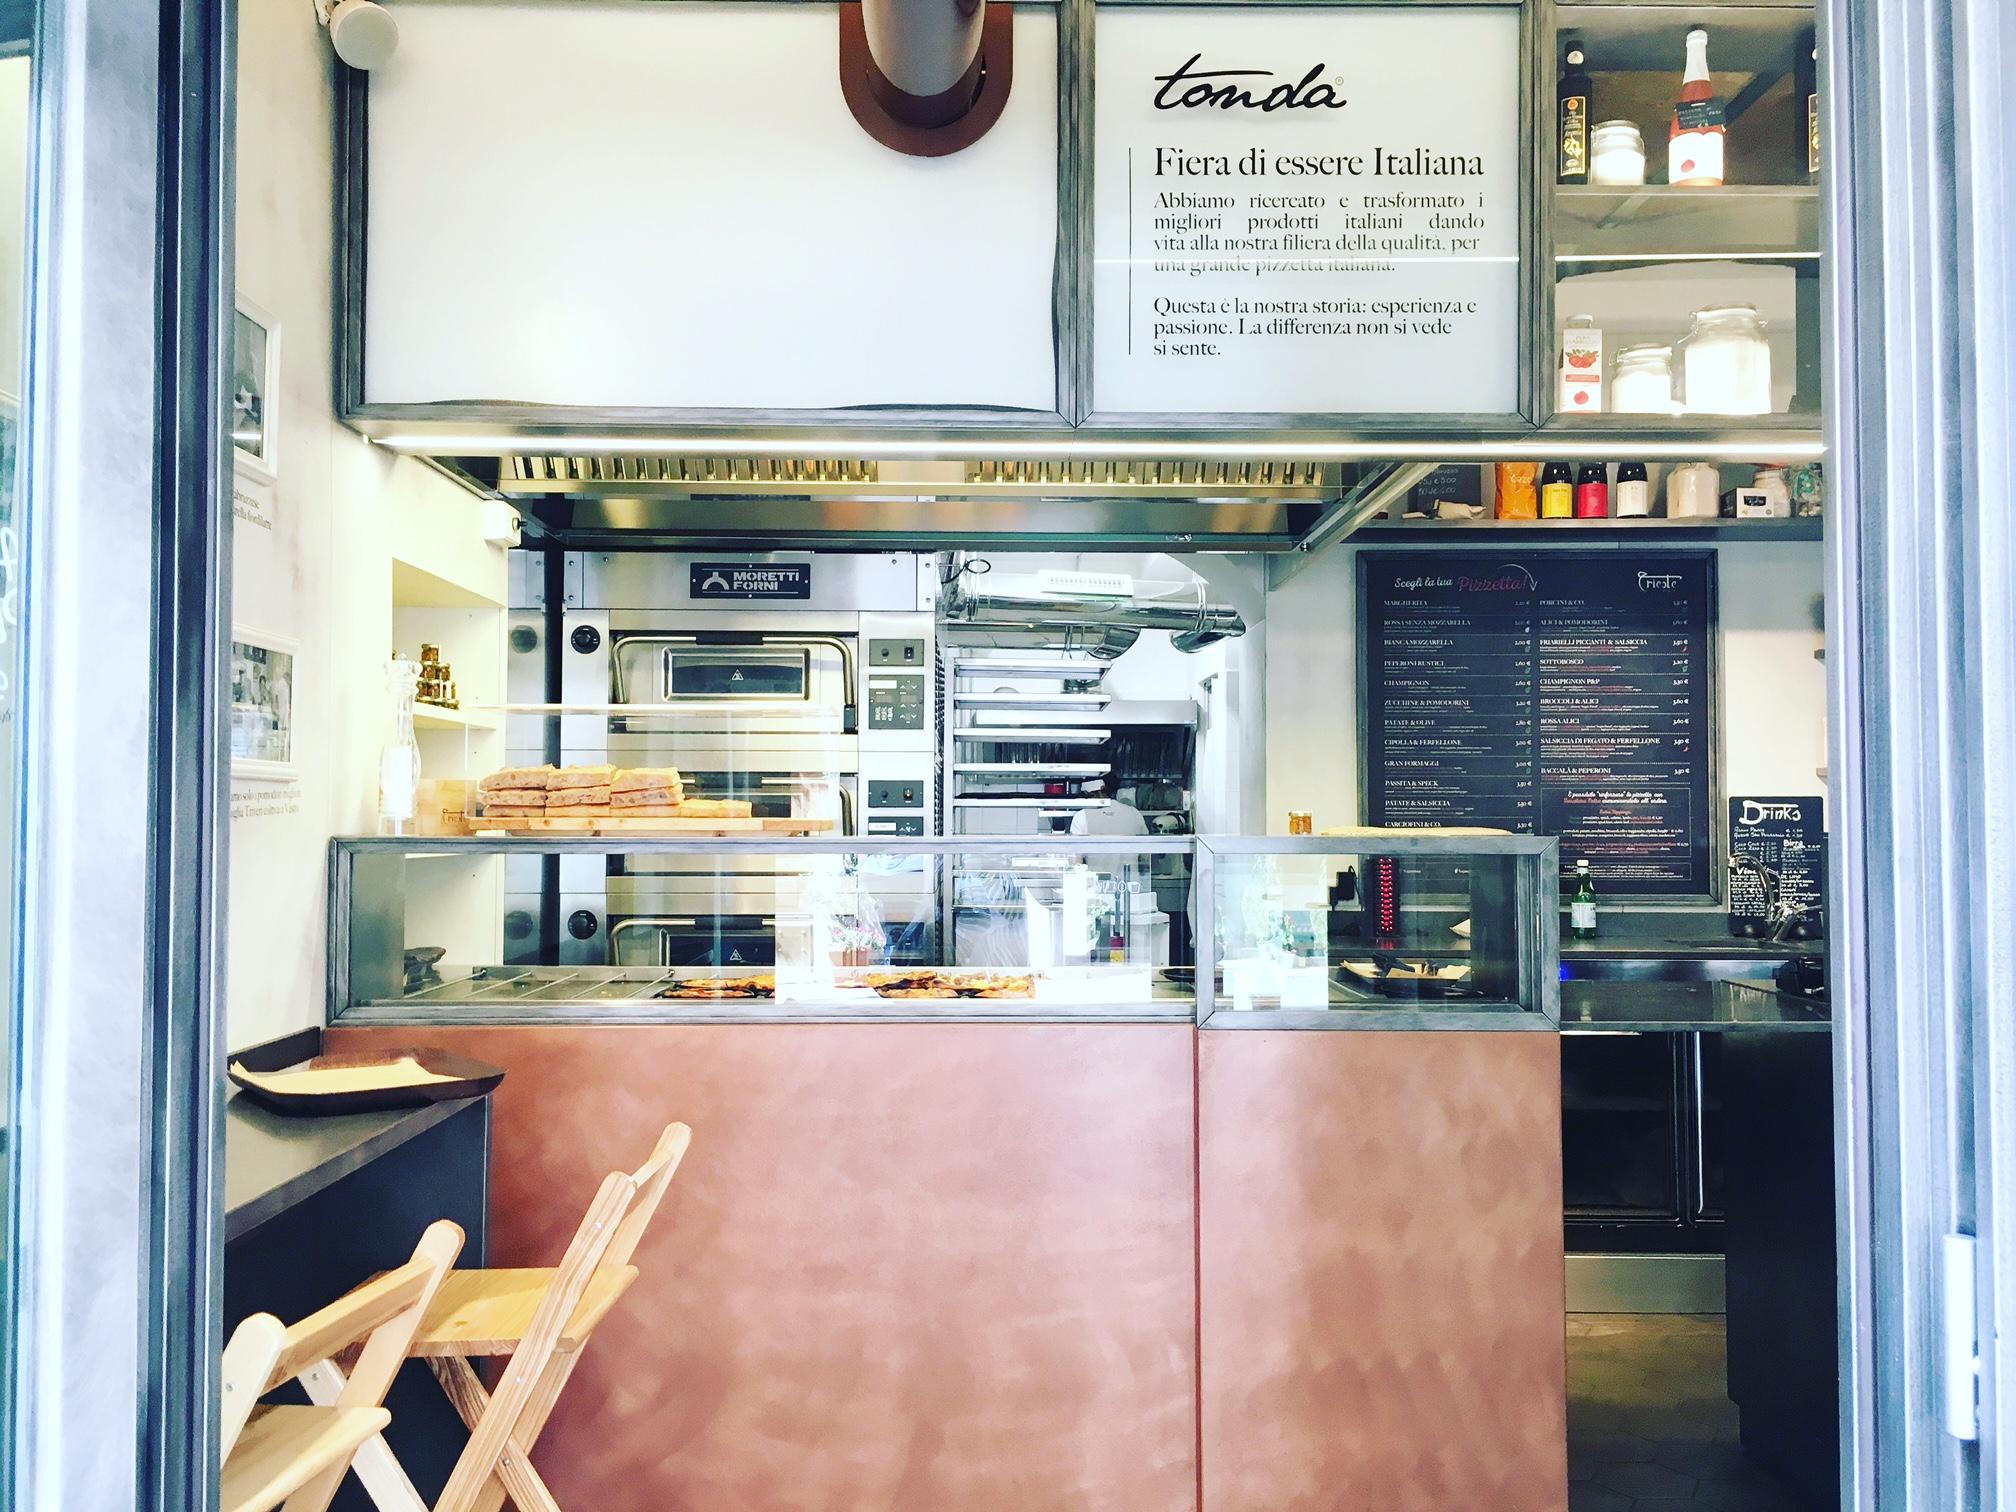 Trieste Pizza - Tonda - Store Front